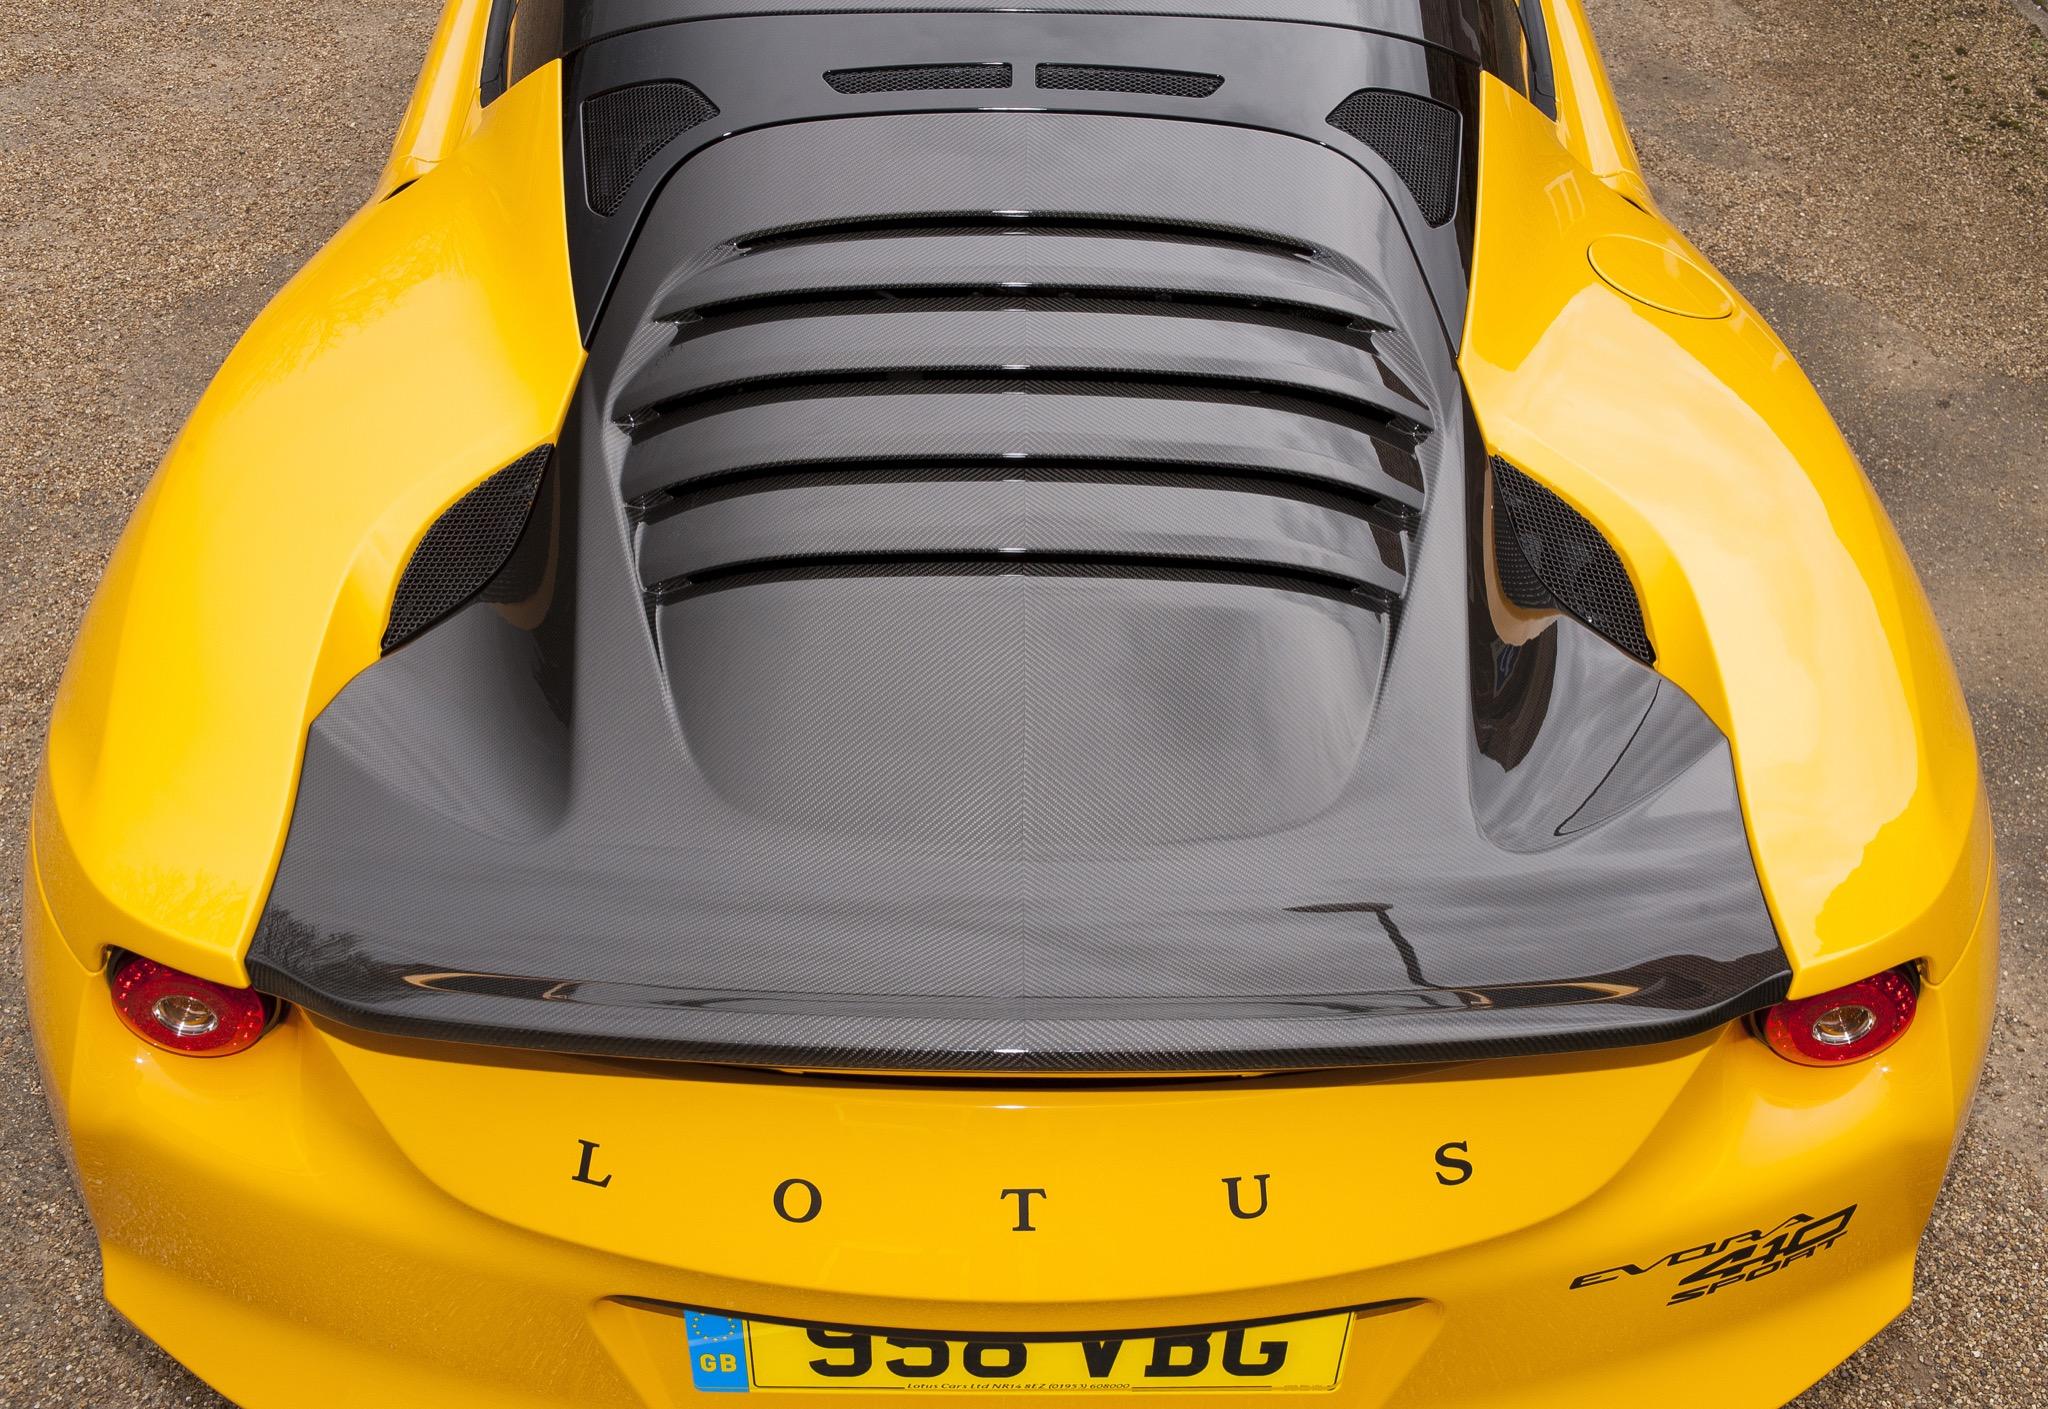 LotusEvora410 04